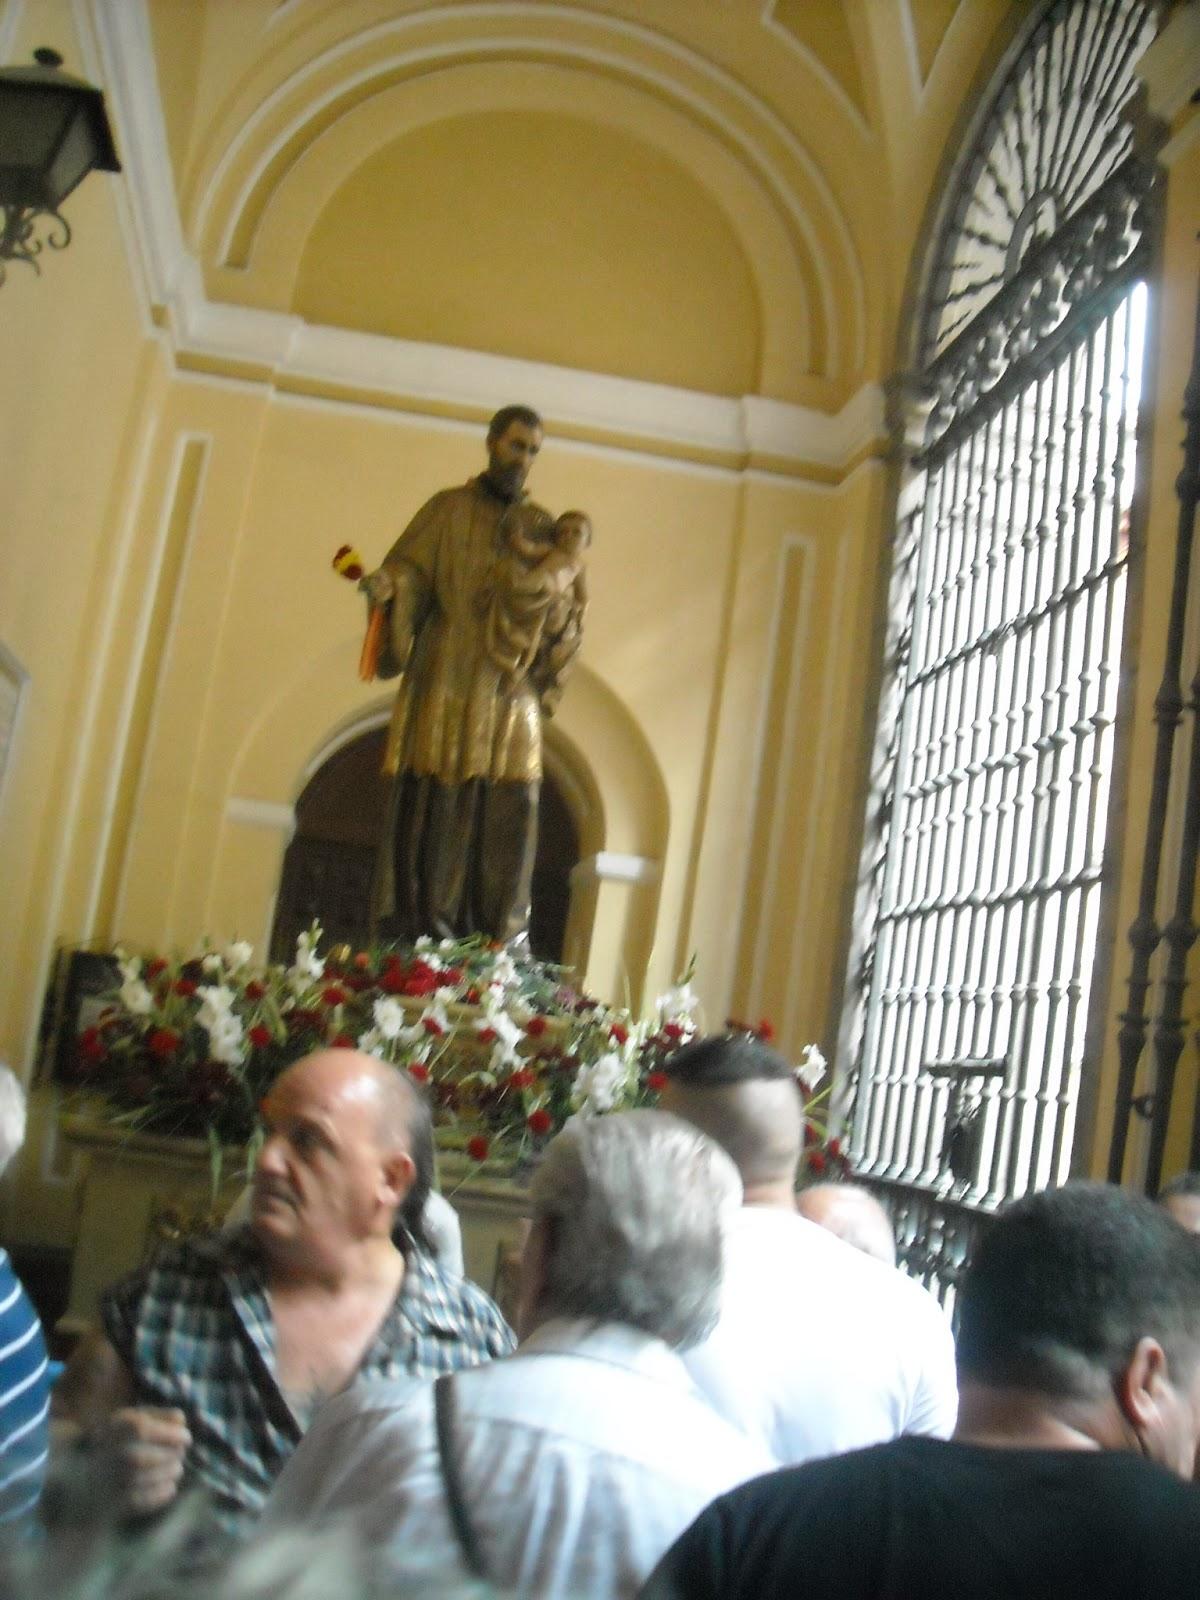 San cayetano en madrid el madrid de los artesanos - Artesanos de madrid ...